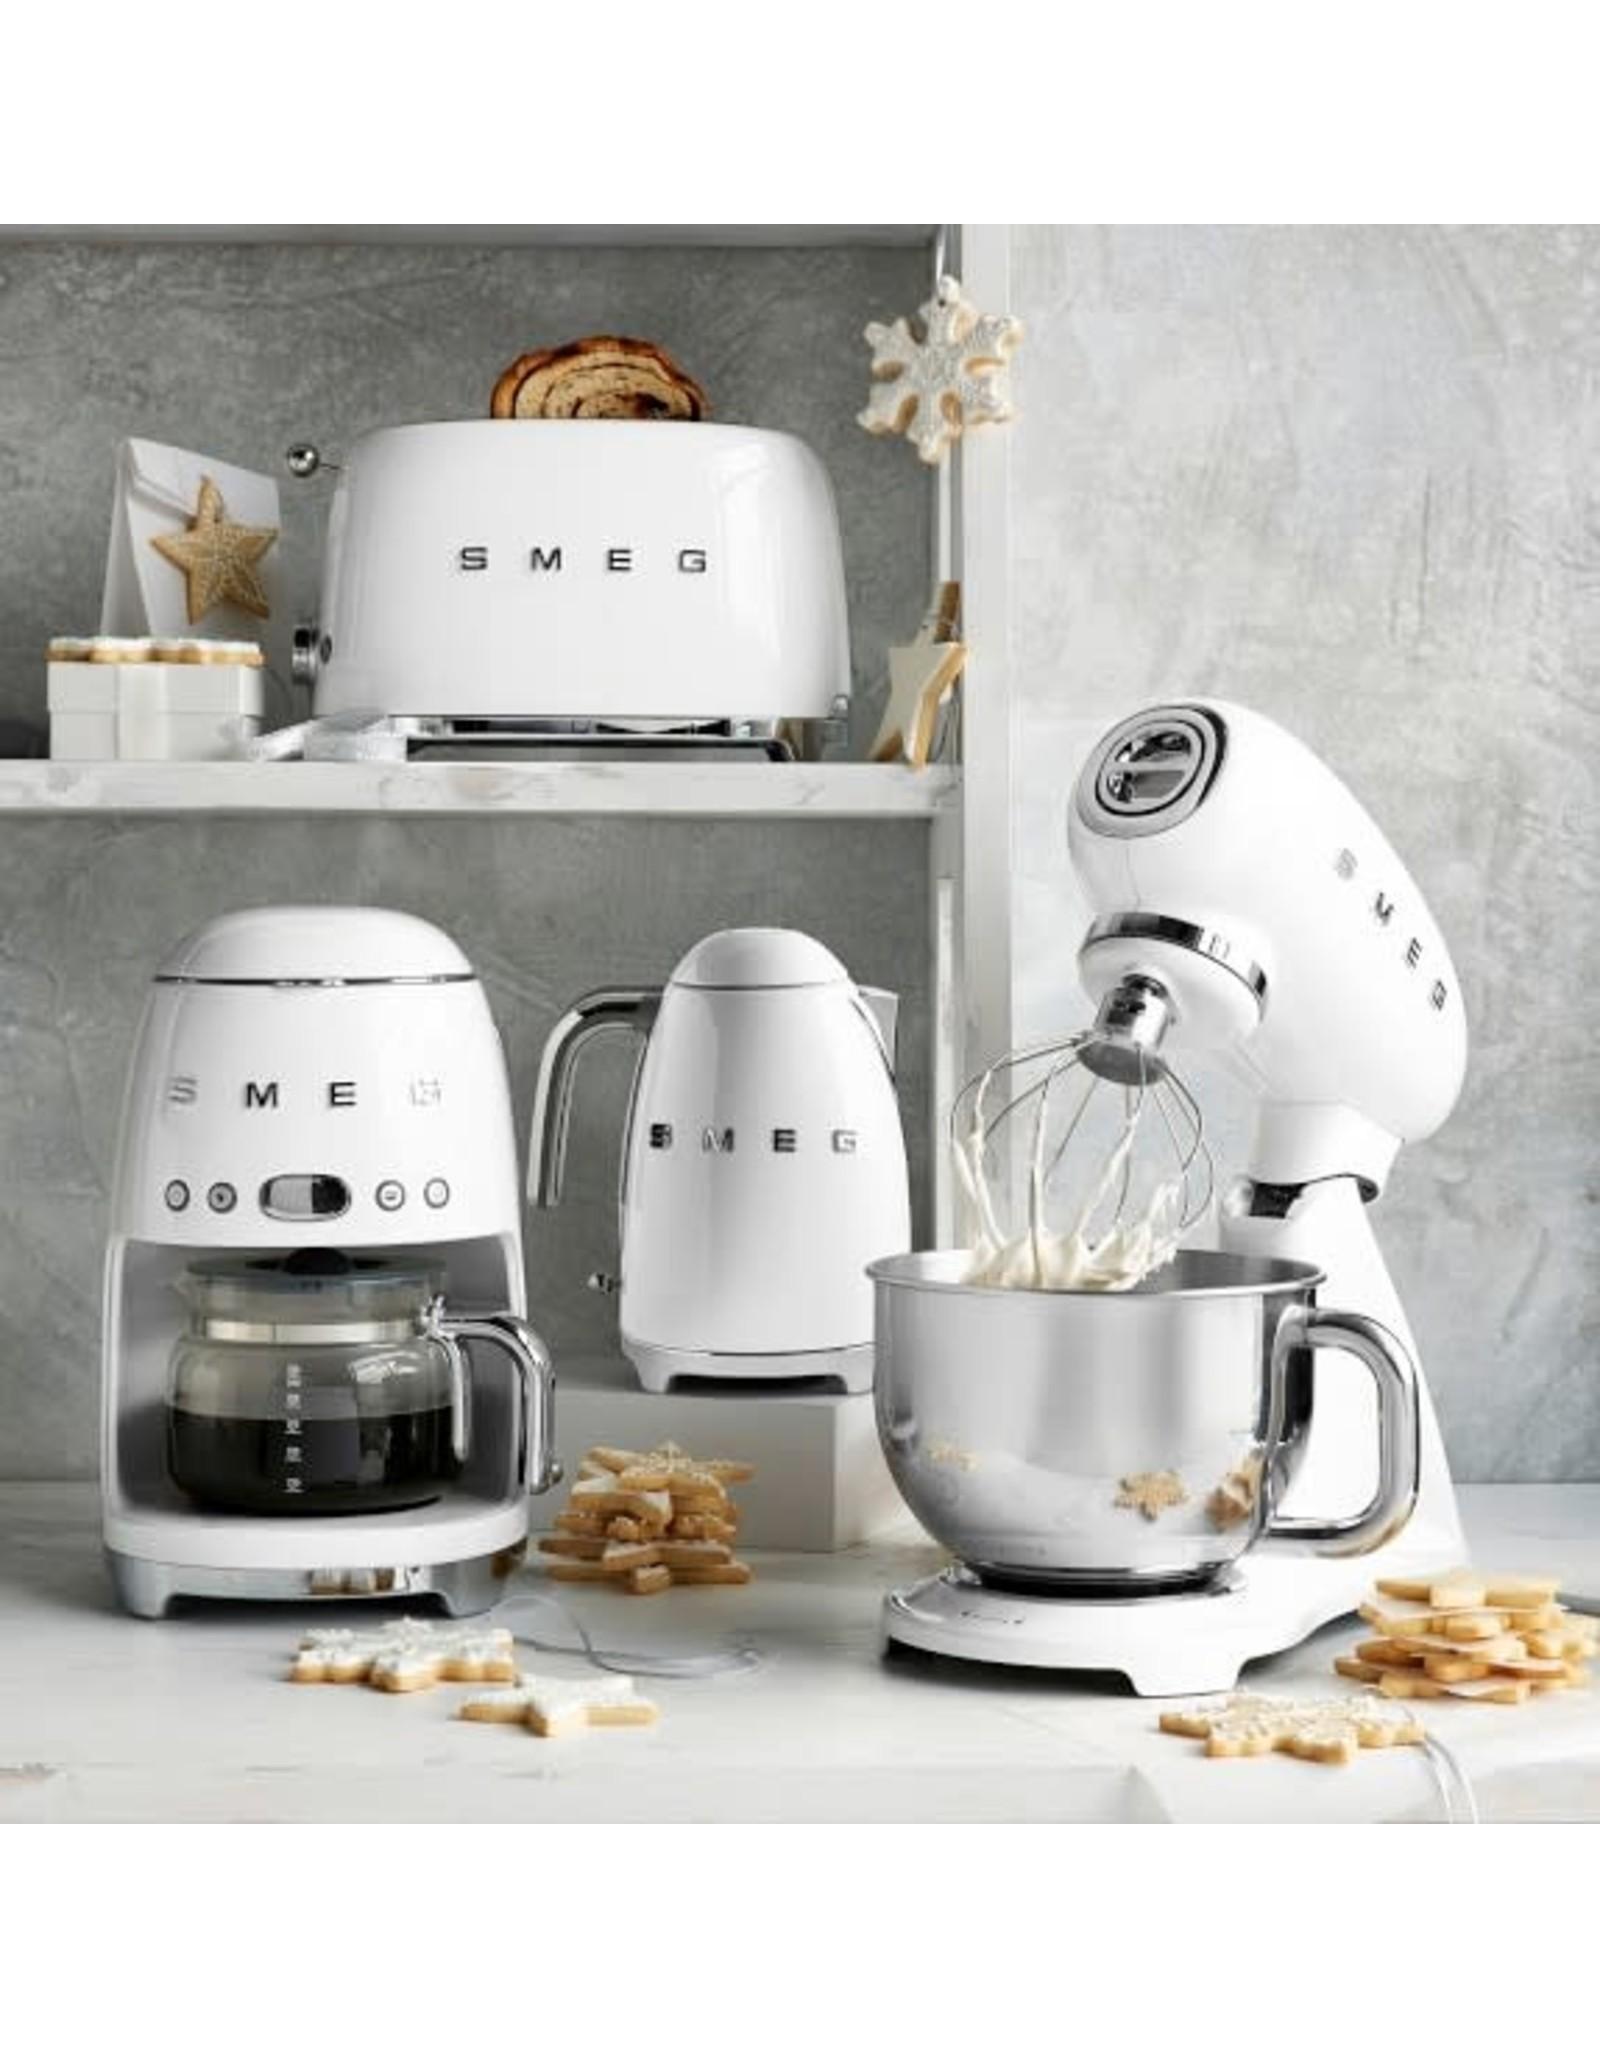 Smeg SMEG Drip Coffee Machine - White